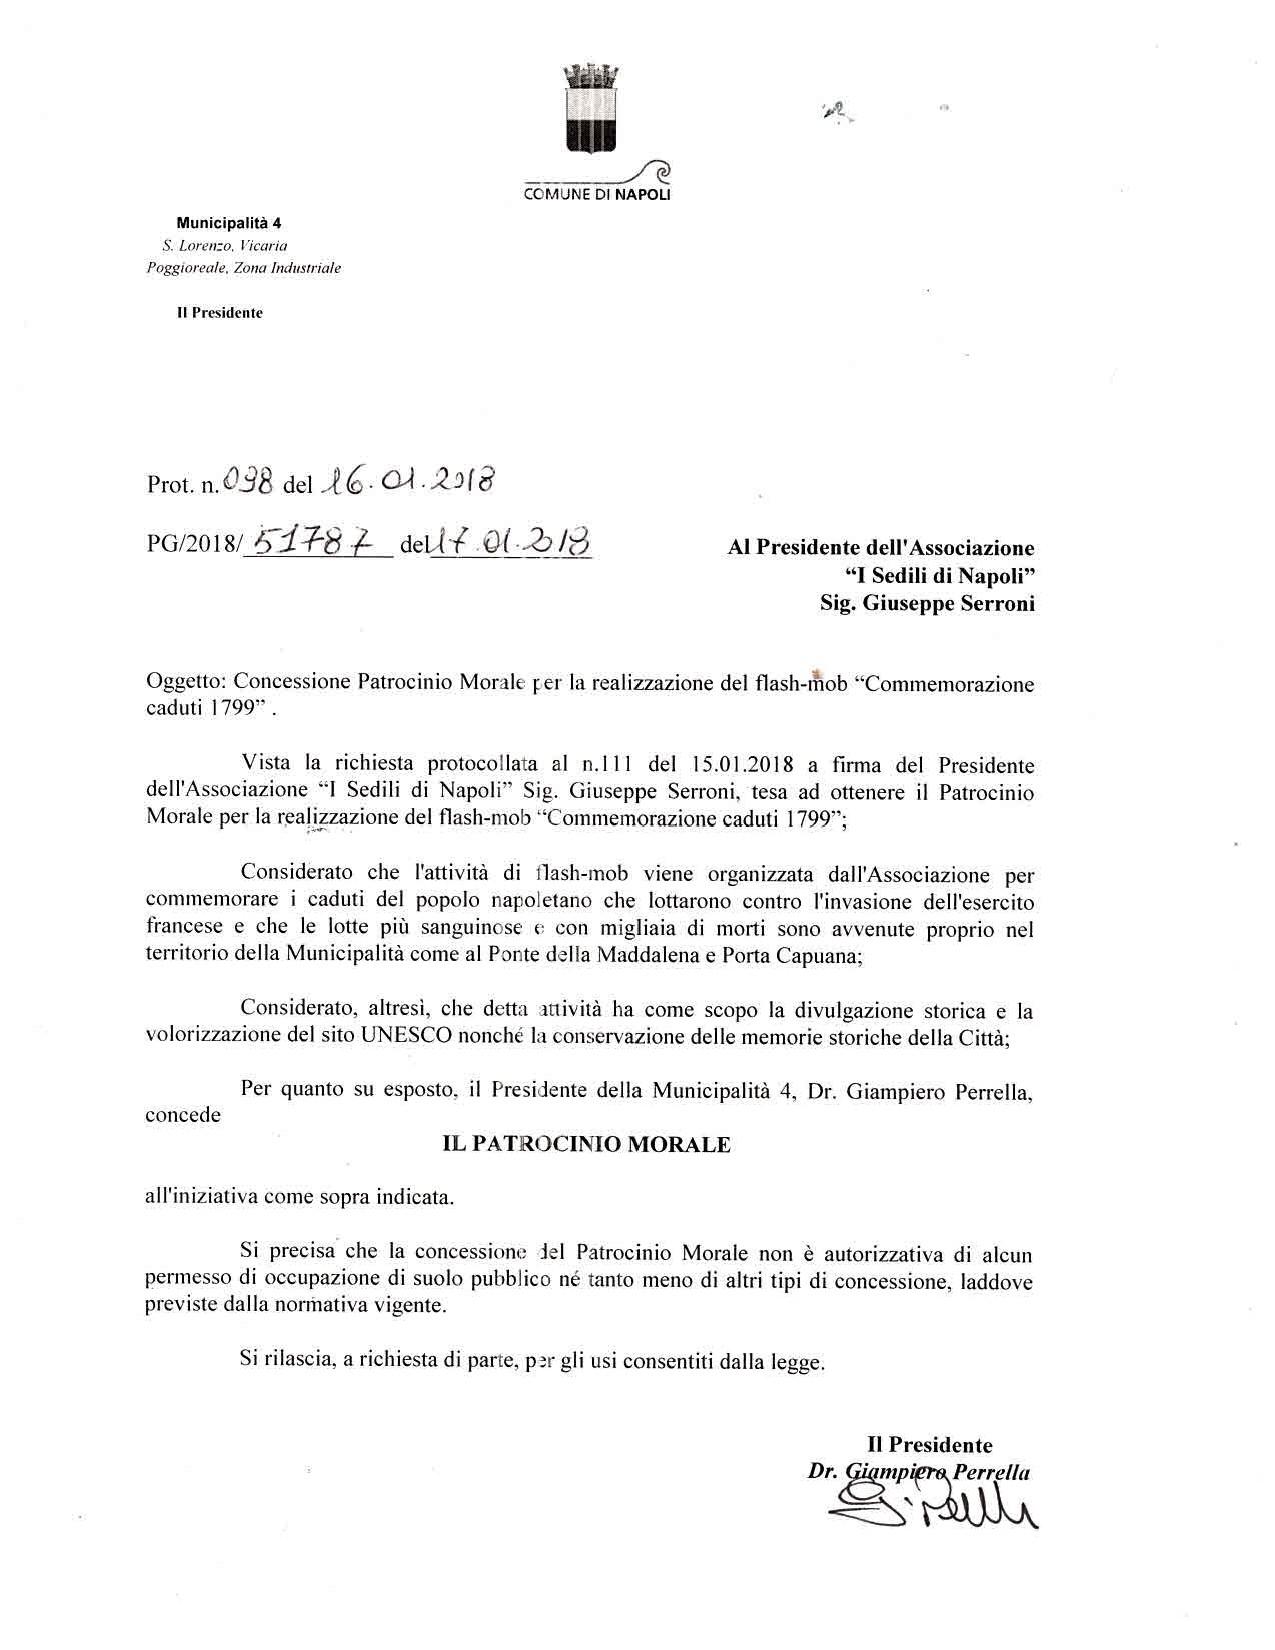 patrocinio-morale-ass-ne-sedili-di-napoli-1